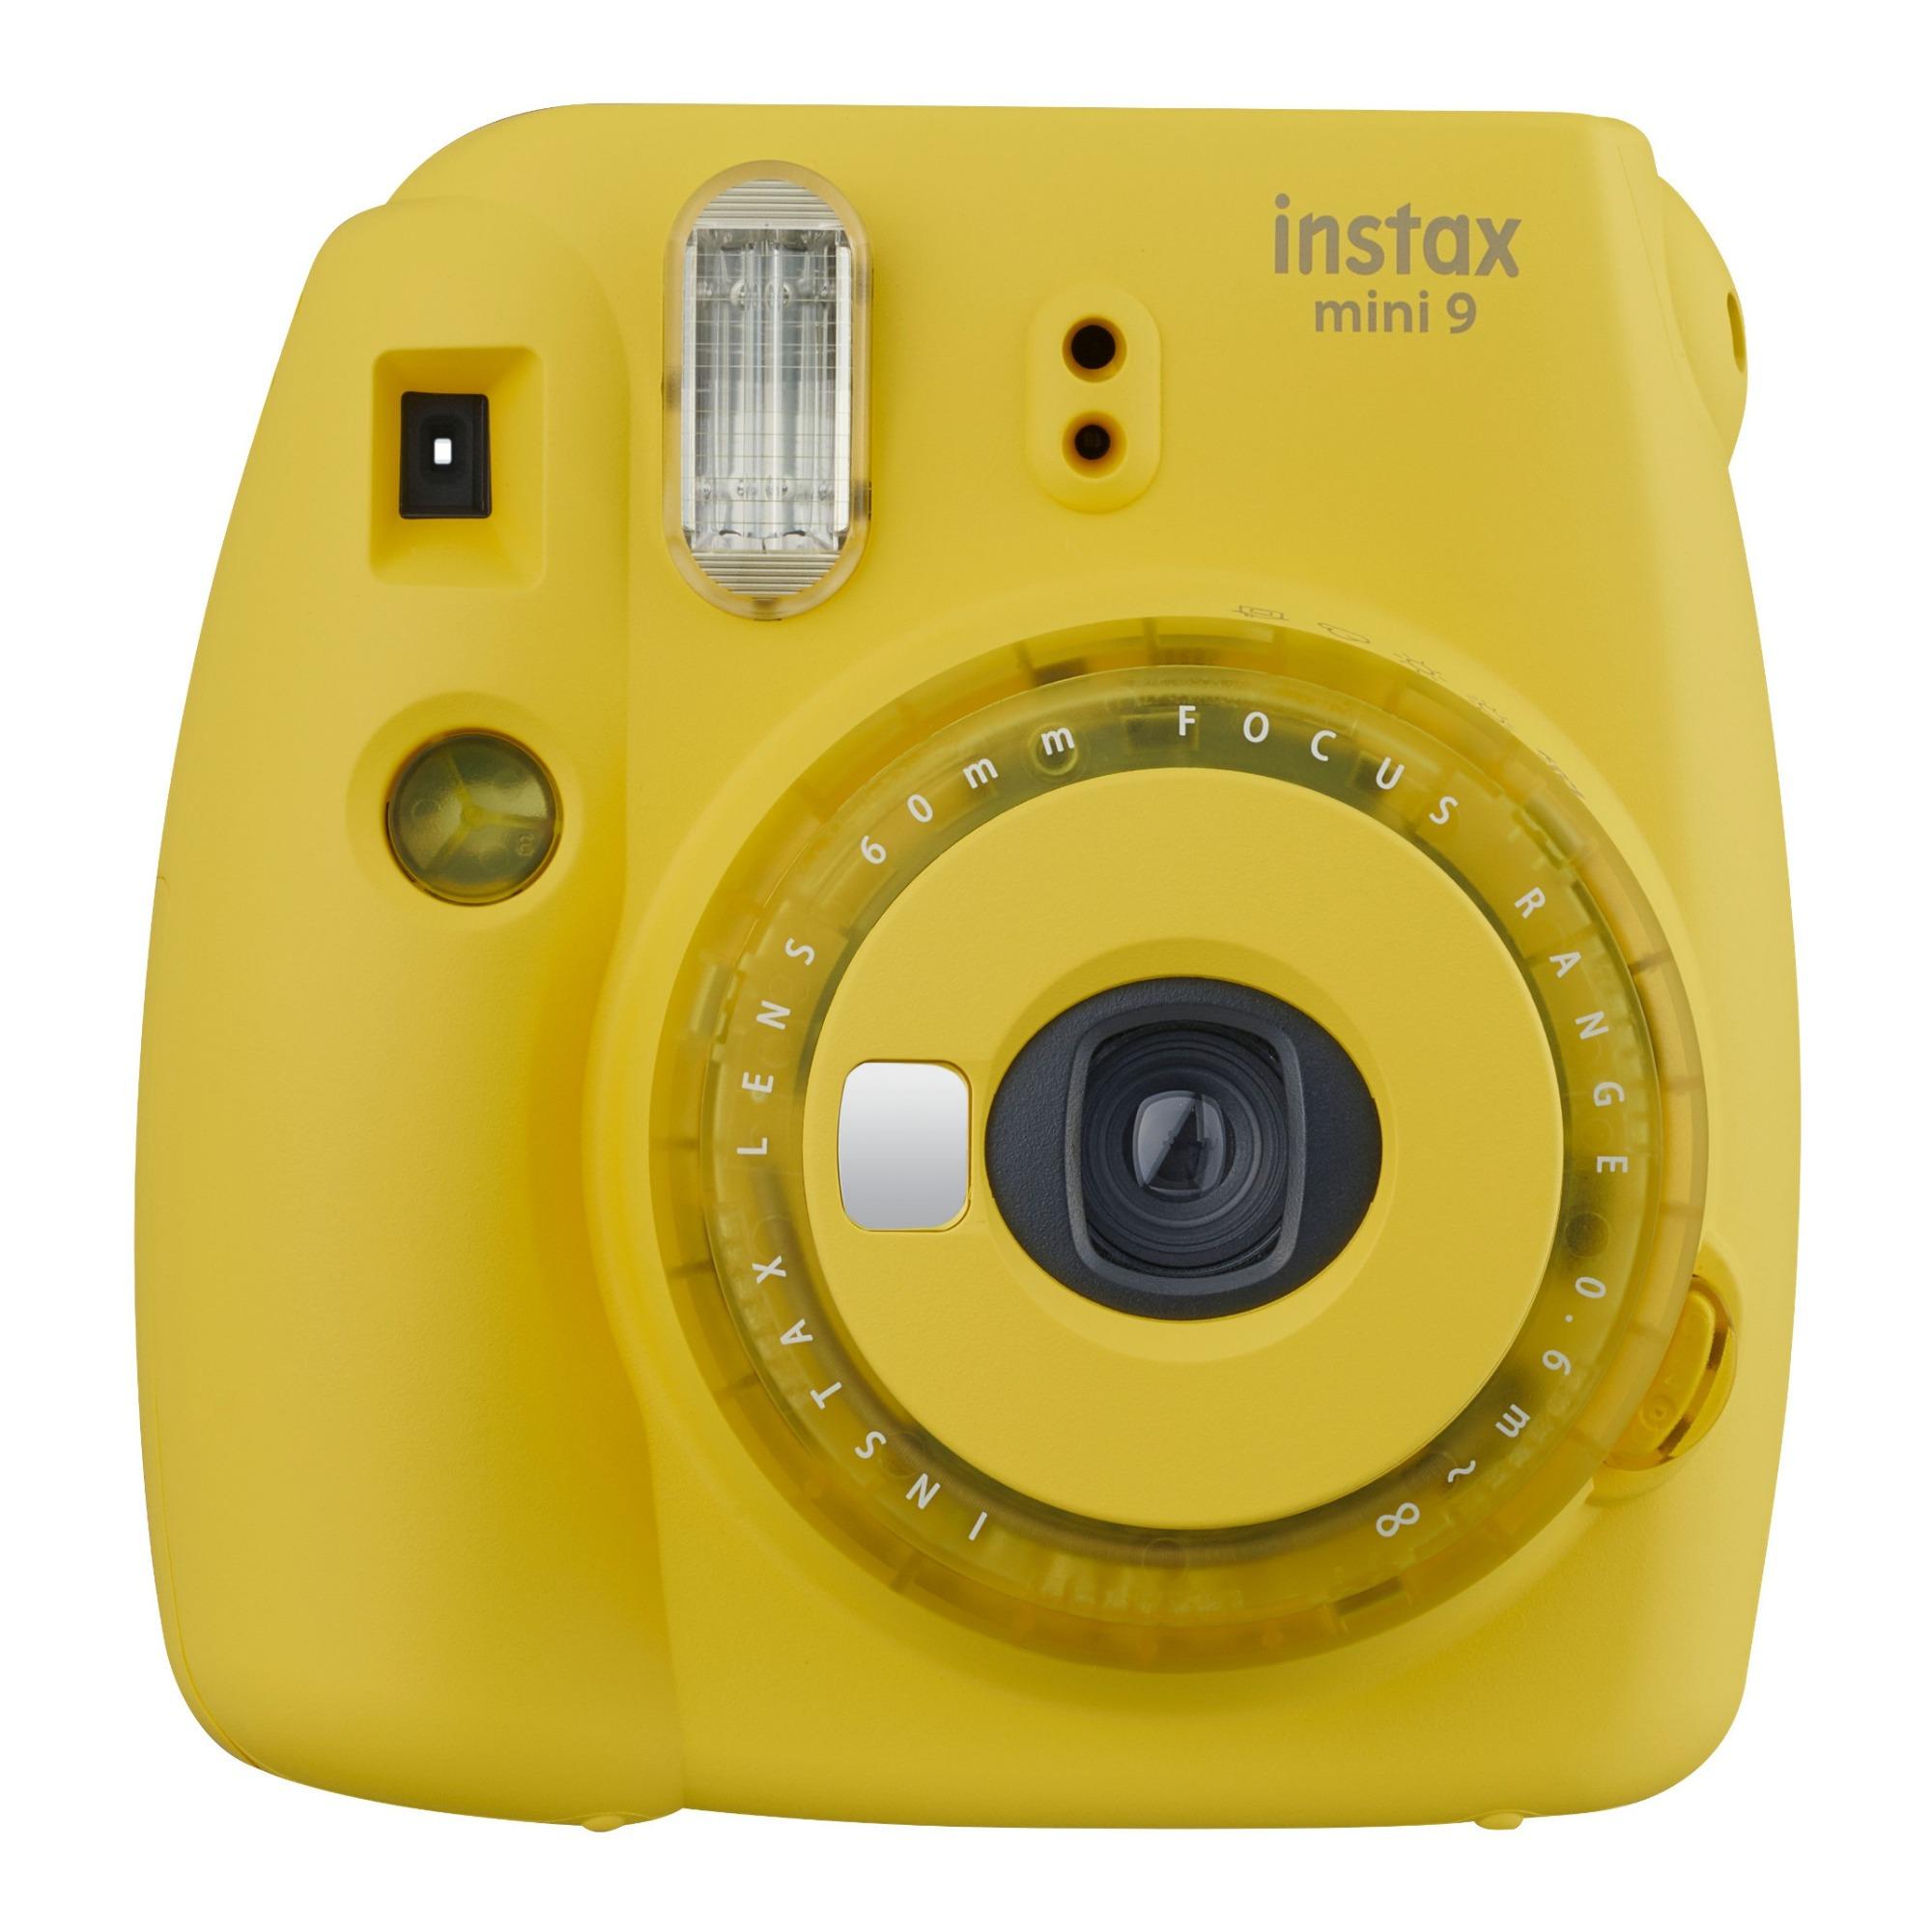 Fujifilm Instax Mini 9 - Smokey White